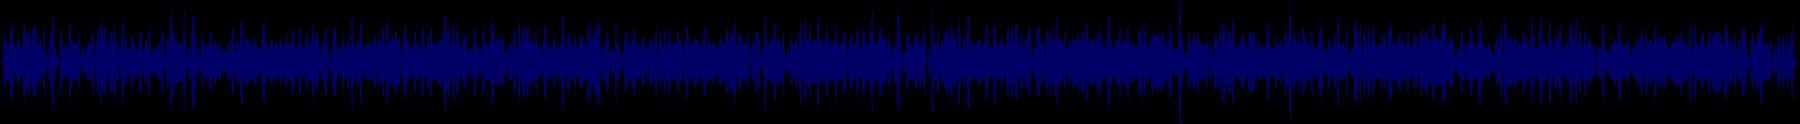 waveform of track #69459